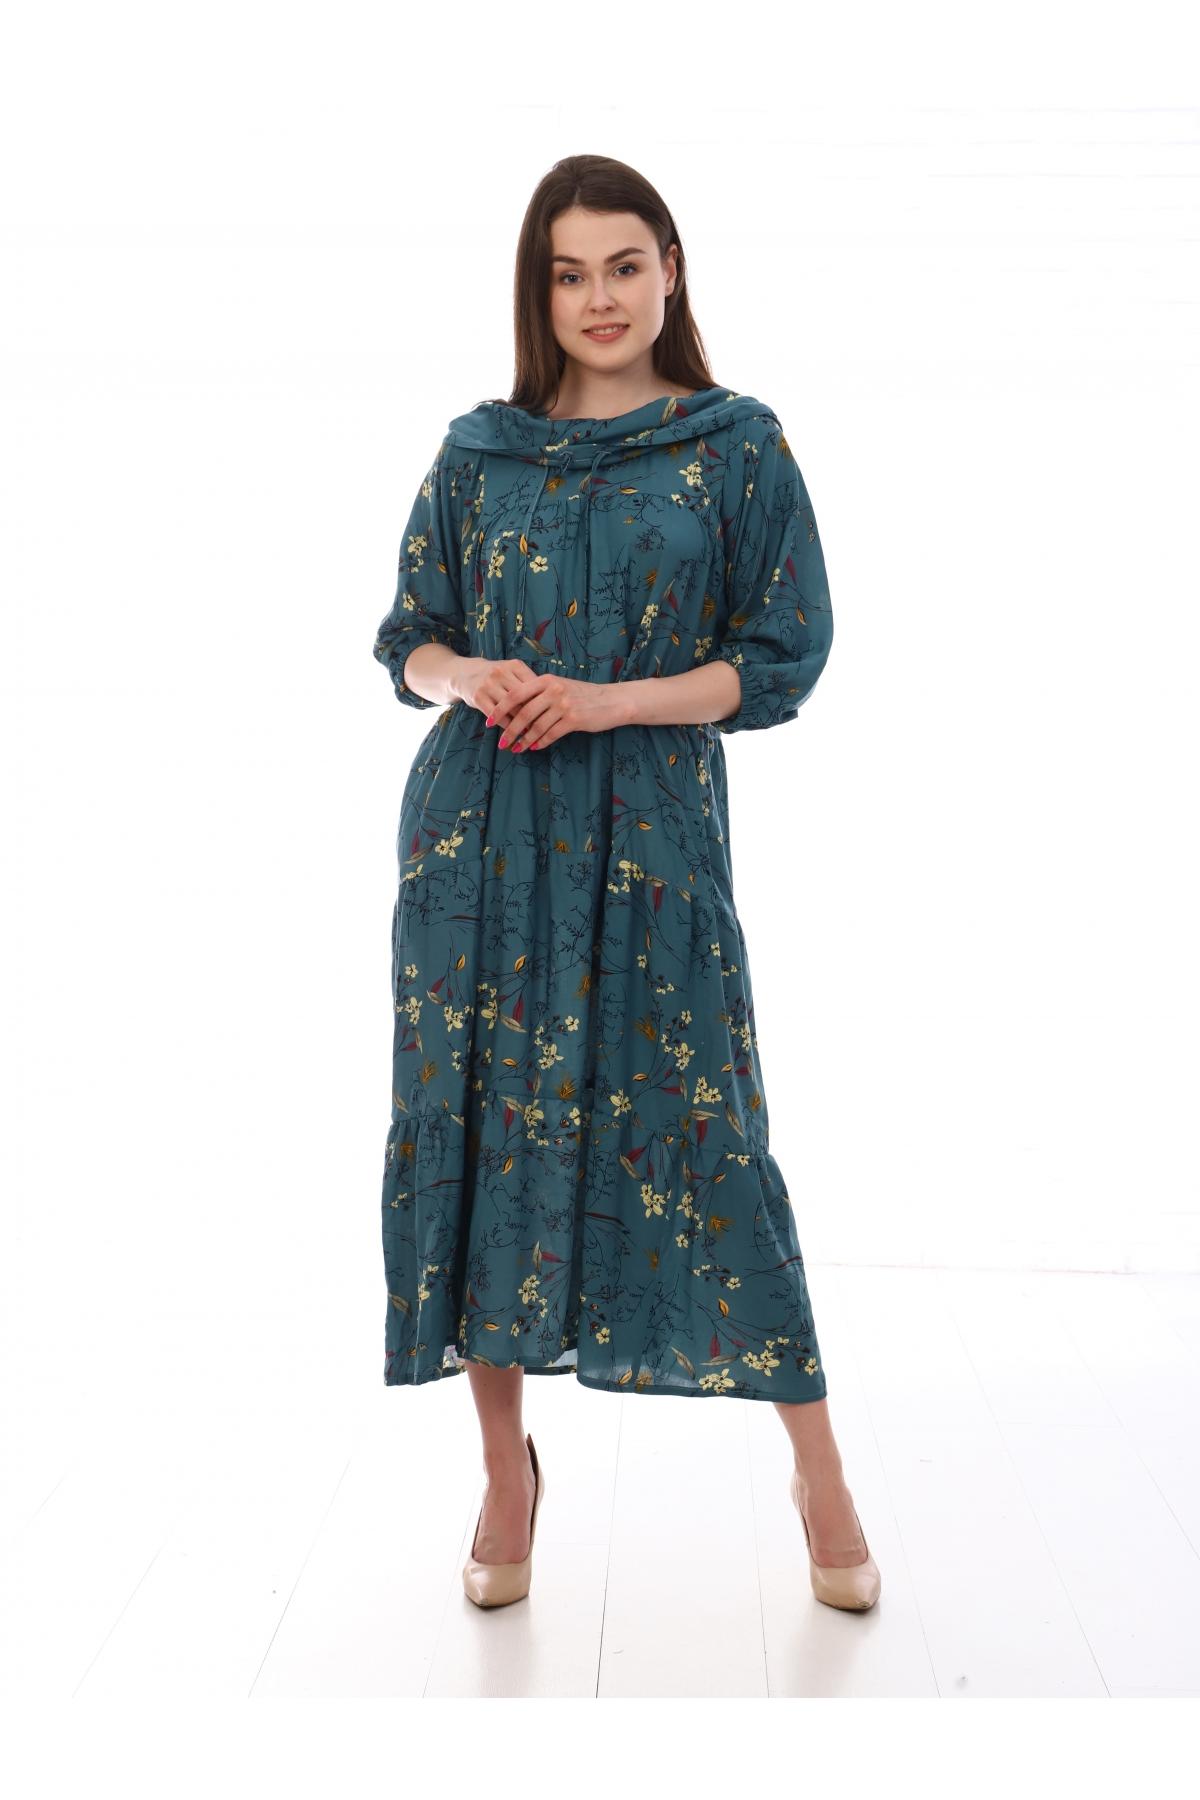 Платье повседневное с капюшоном, с цветочным принтом, зеленый цвет